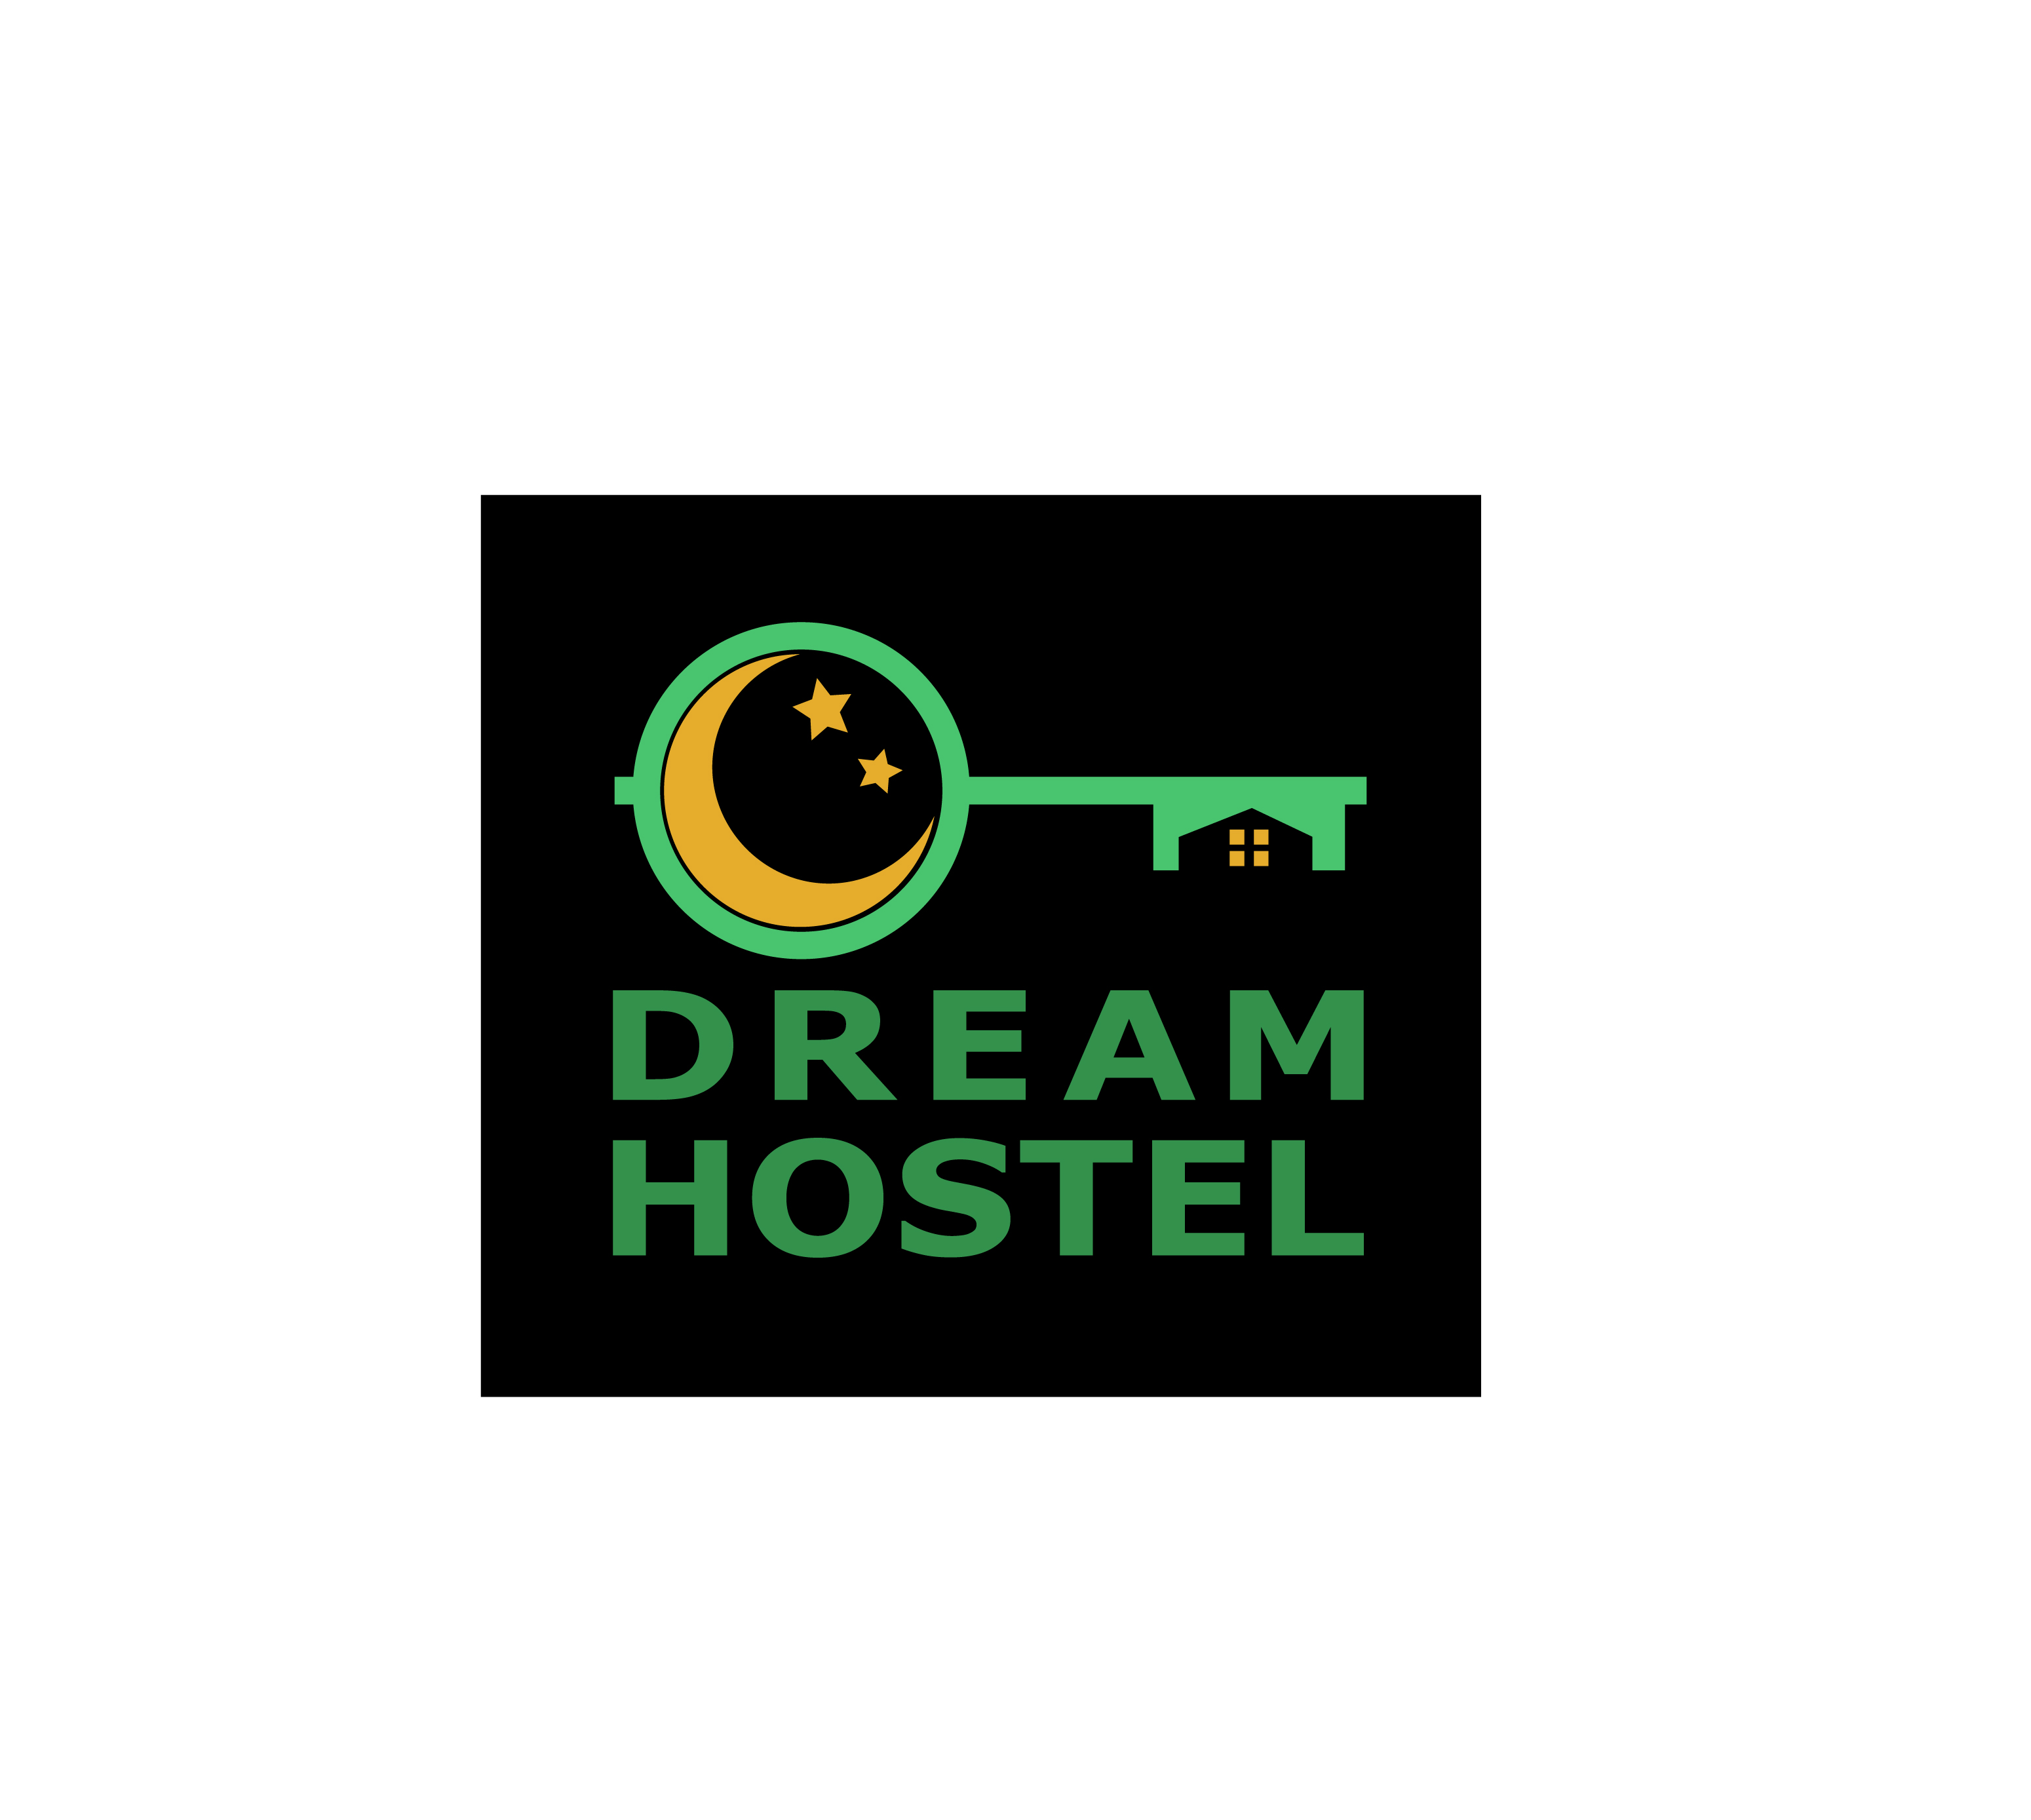 Нужна разработка логотипа, фирменного знака и фирменного сти фото f_32854776b9dcb678.jpg